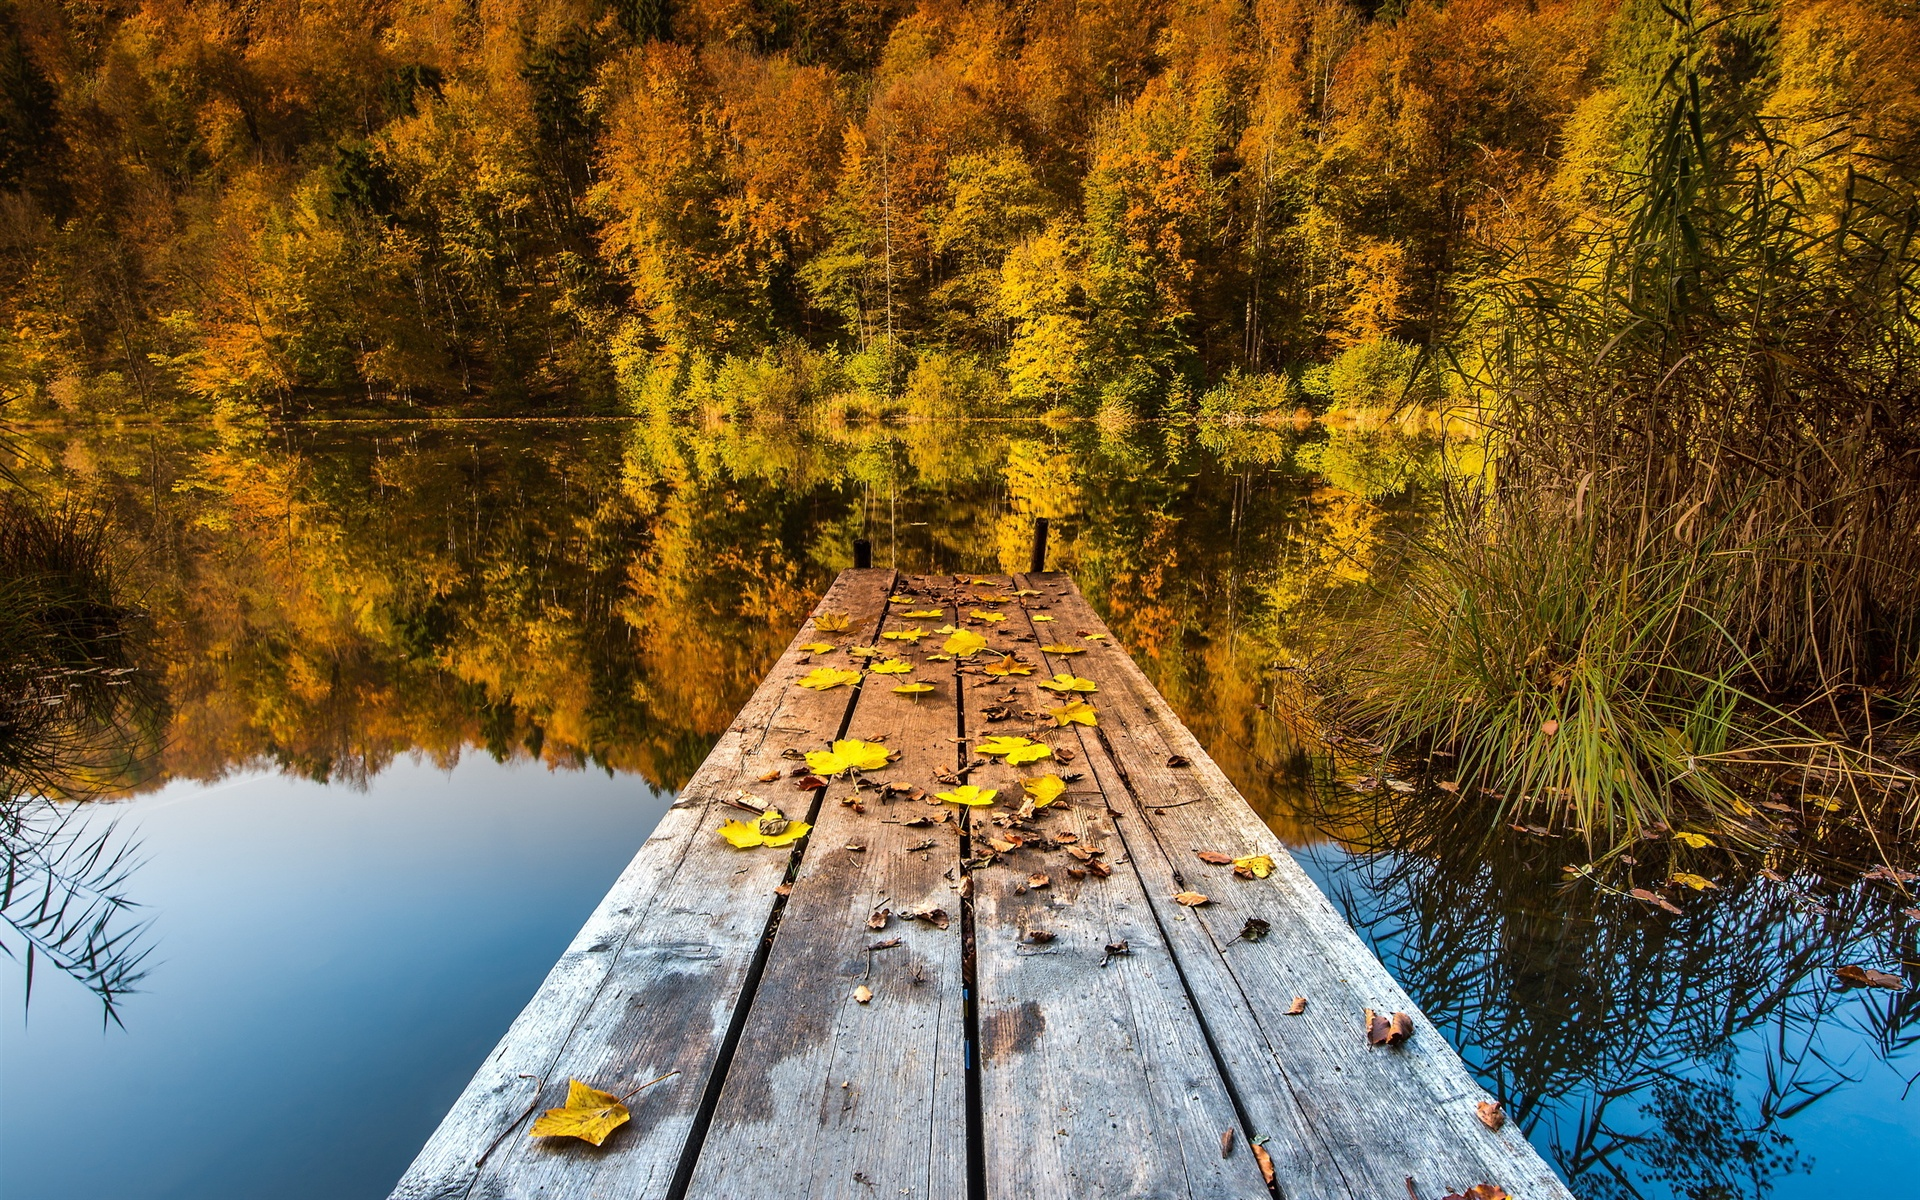 Озерцо мостик лес горы  № 2950006 бесплатно